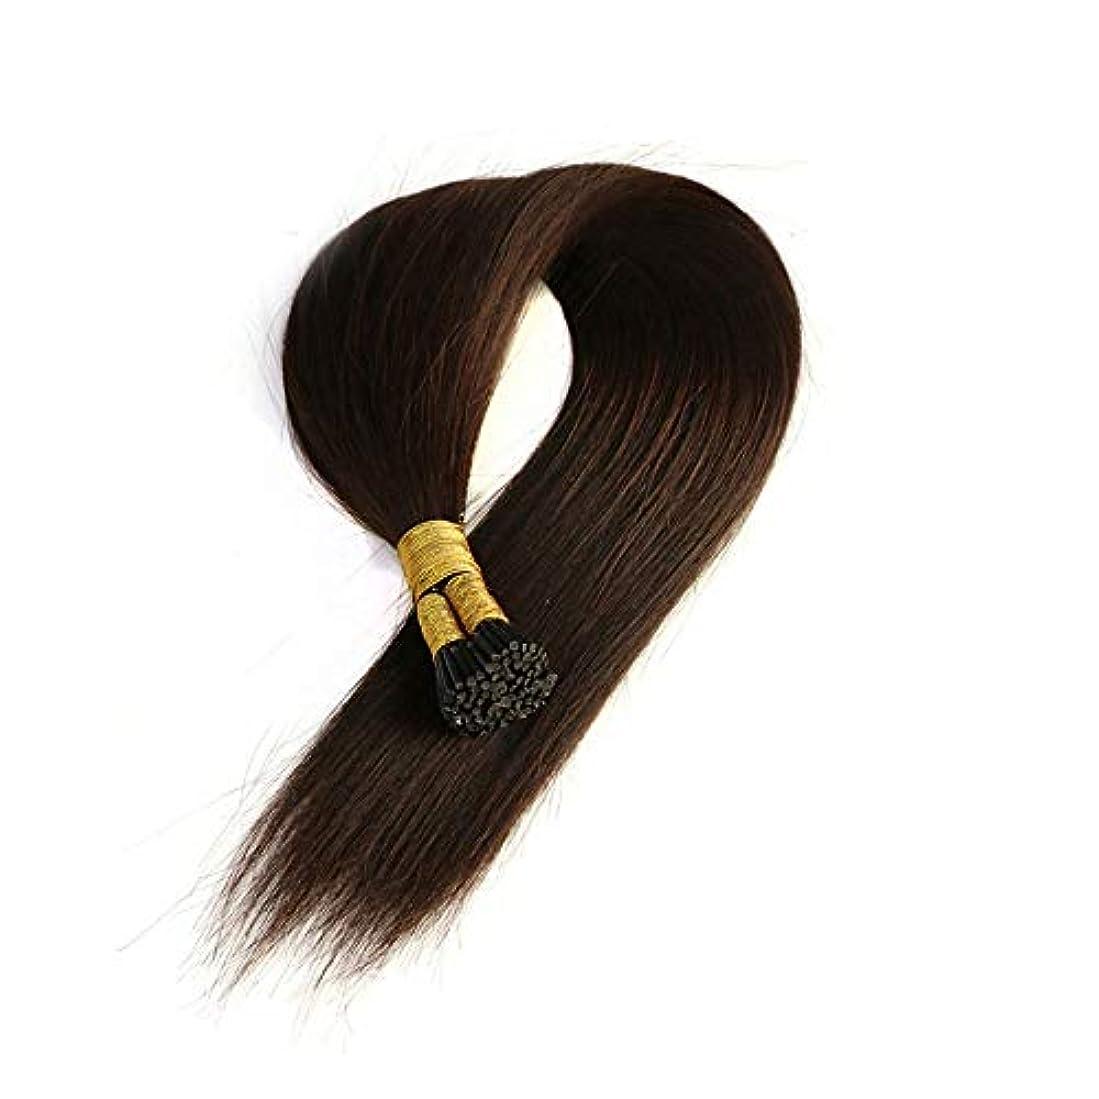 対処見積り似ているWASAIO パッケージ数当たりの変化髪型の50グラムのためのヘアエクステンションクリップ裏地なし人間を (色 : 黒, サイズ : 40cm)